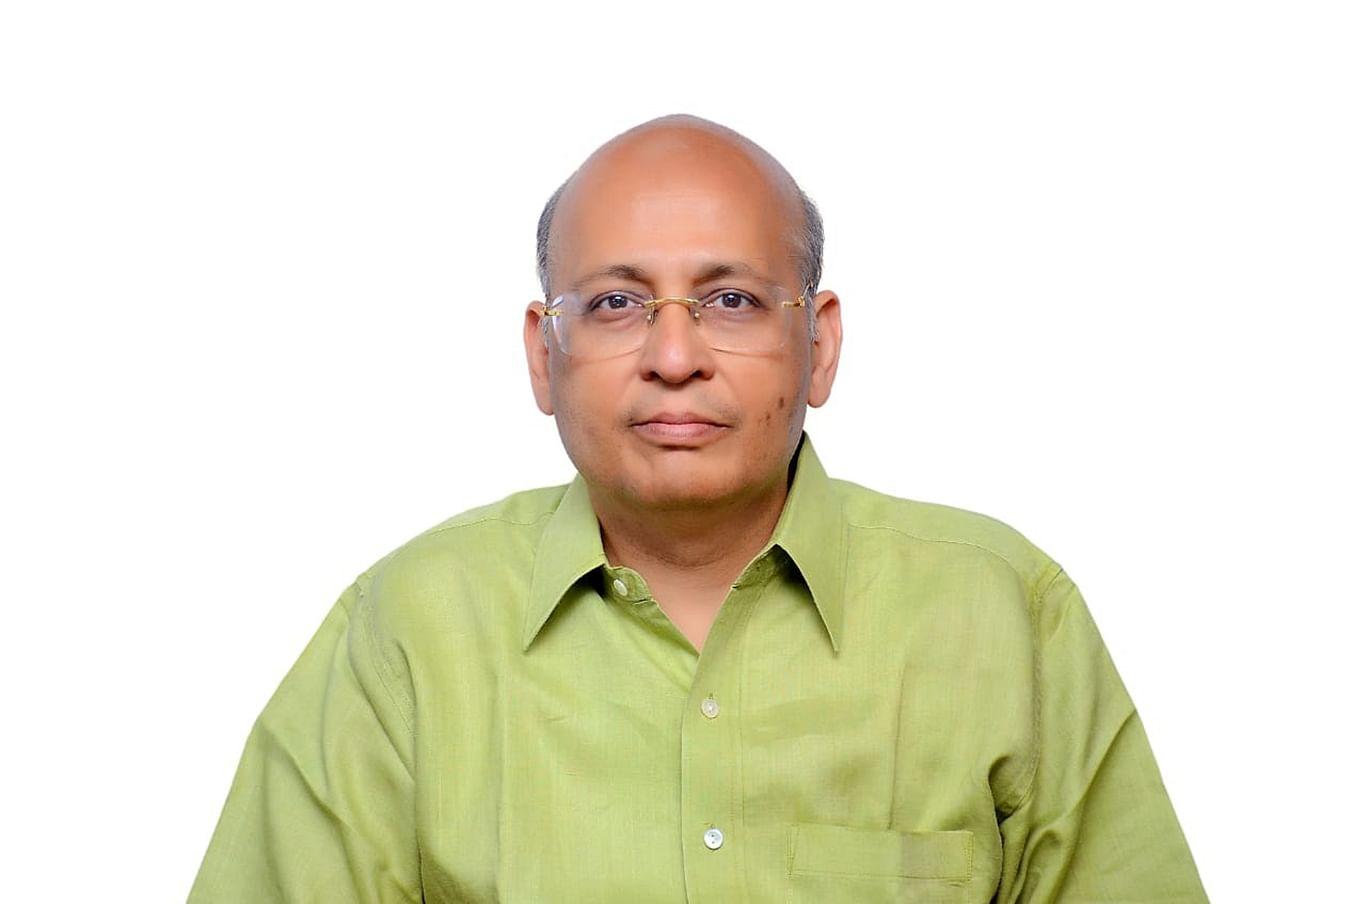 प्रधानमन्त्री ओलीको मानसिक सन्तुलन गुमेको देखिँदैछ : कांग्रेस आई प्रवक्ता सिंघवी